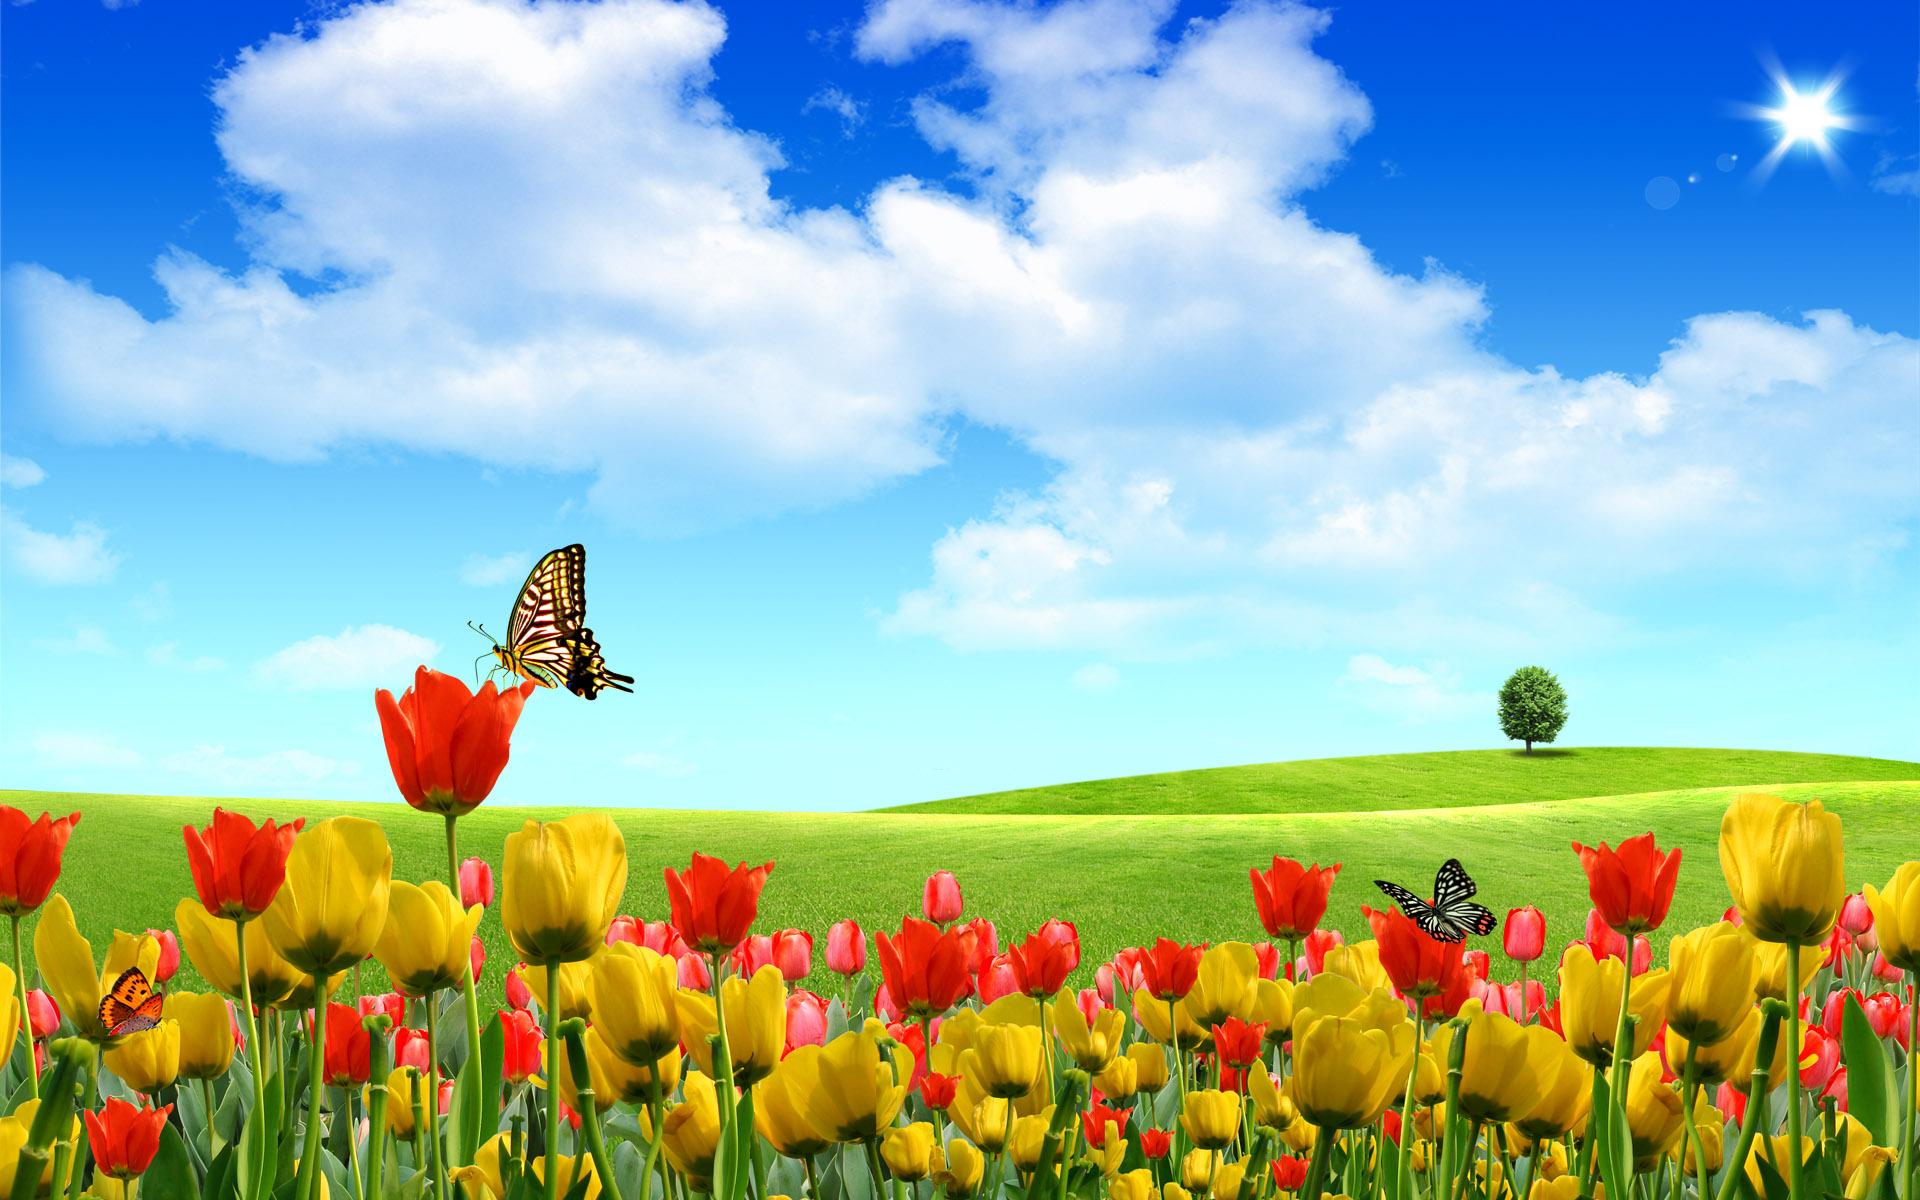 лето, summer wallpaper, скачать фото, обои для рабочего стола, желтые цветы, небо, бабочки